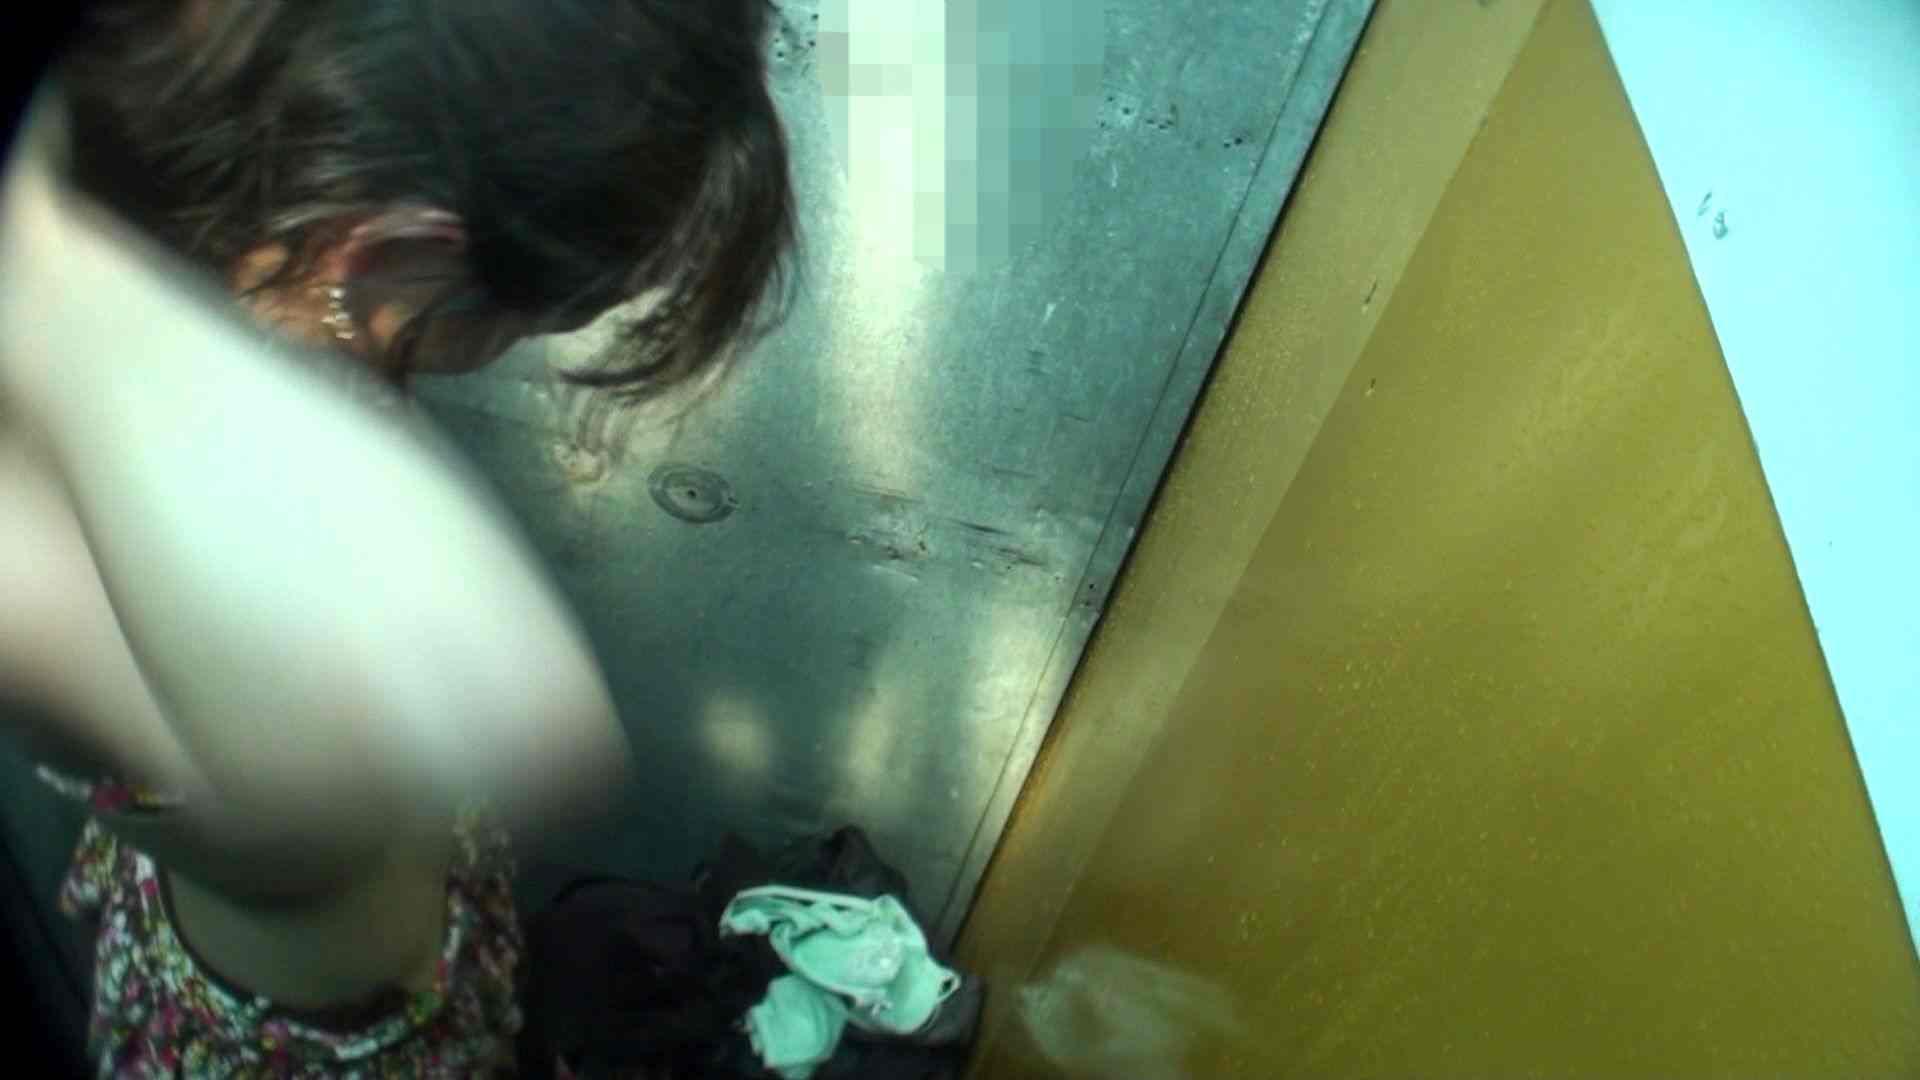 シャワールームは超!!危険な香りVol.16 意外に乳首は年増のそれ OL女体 おめこ無修正動画無料 44連発 18